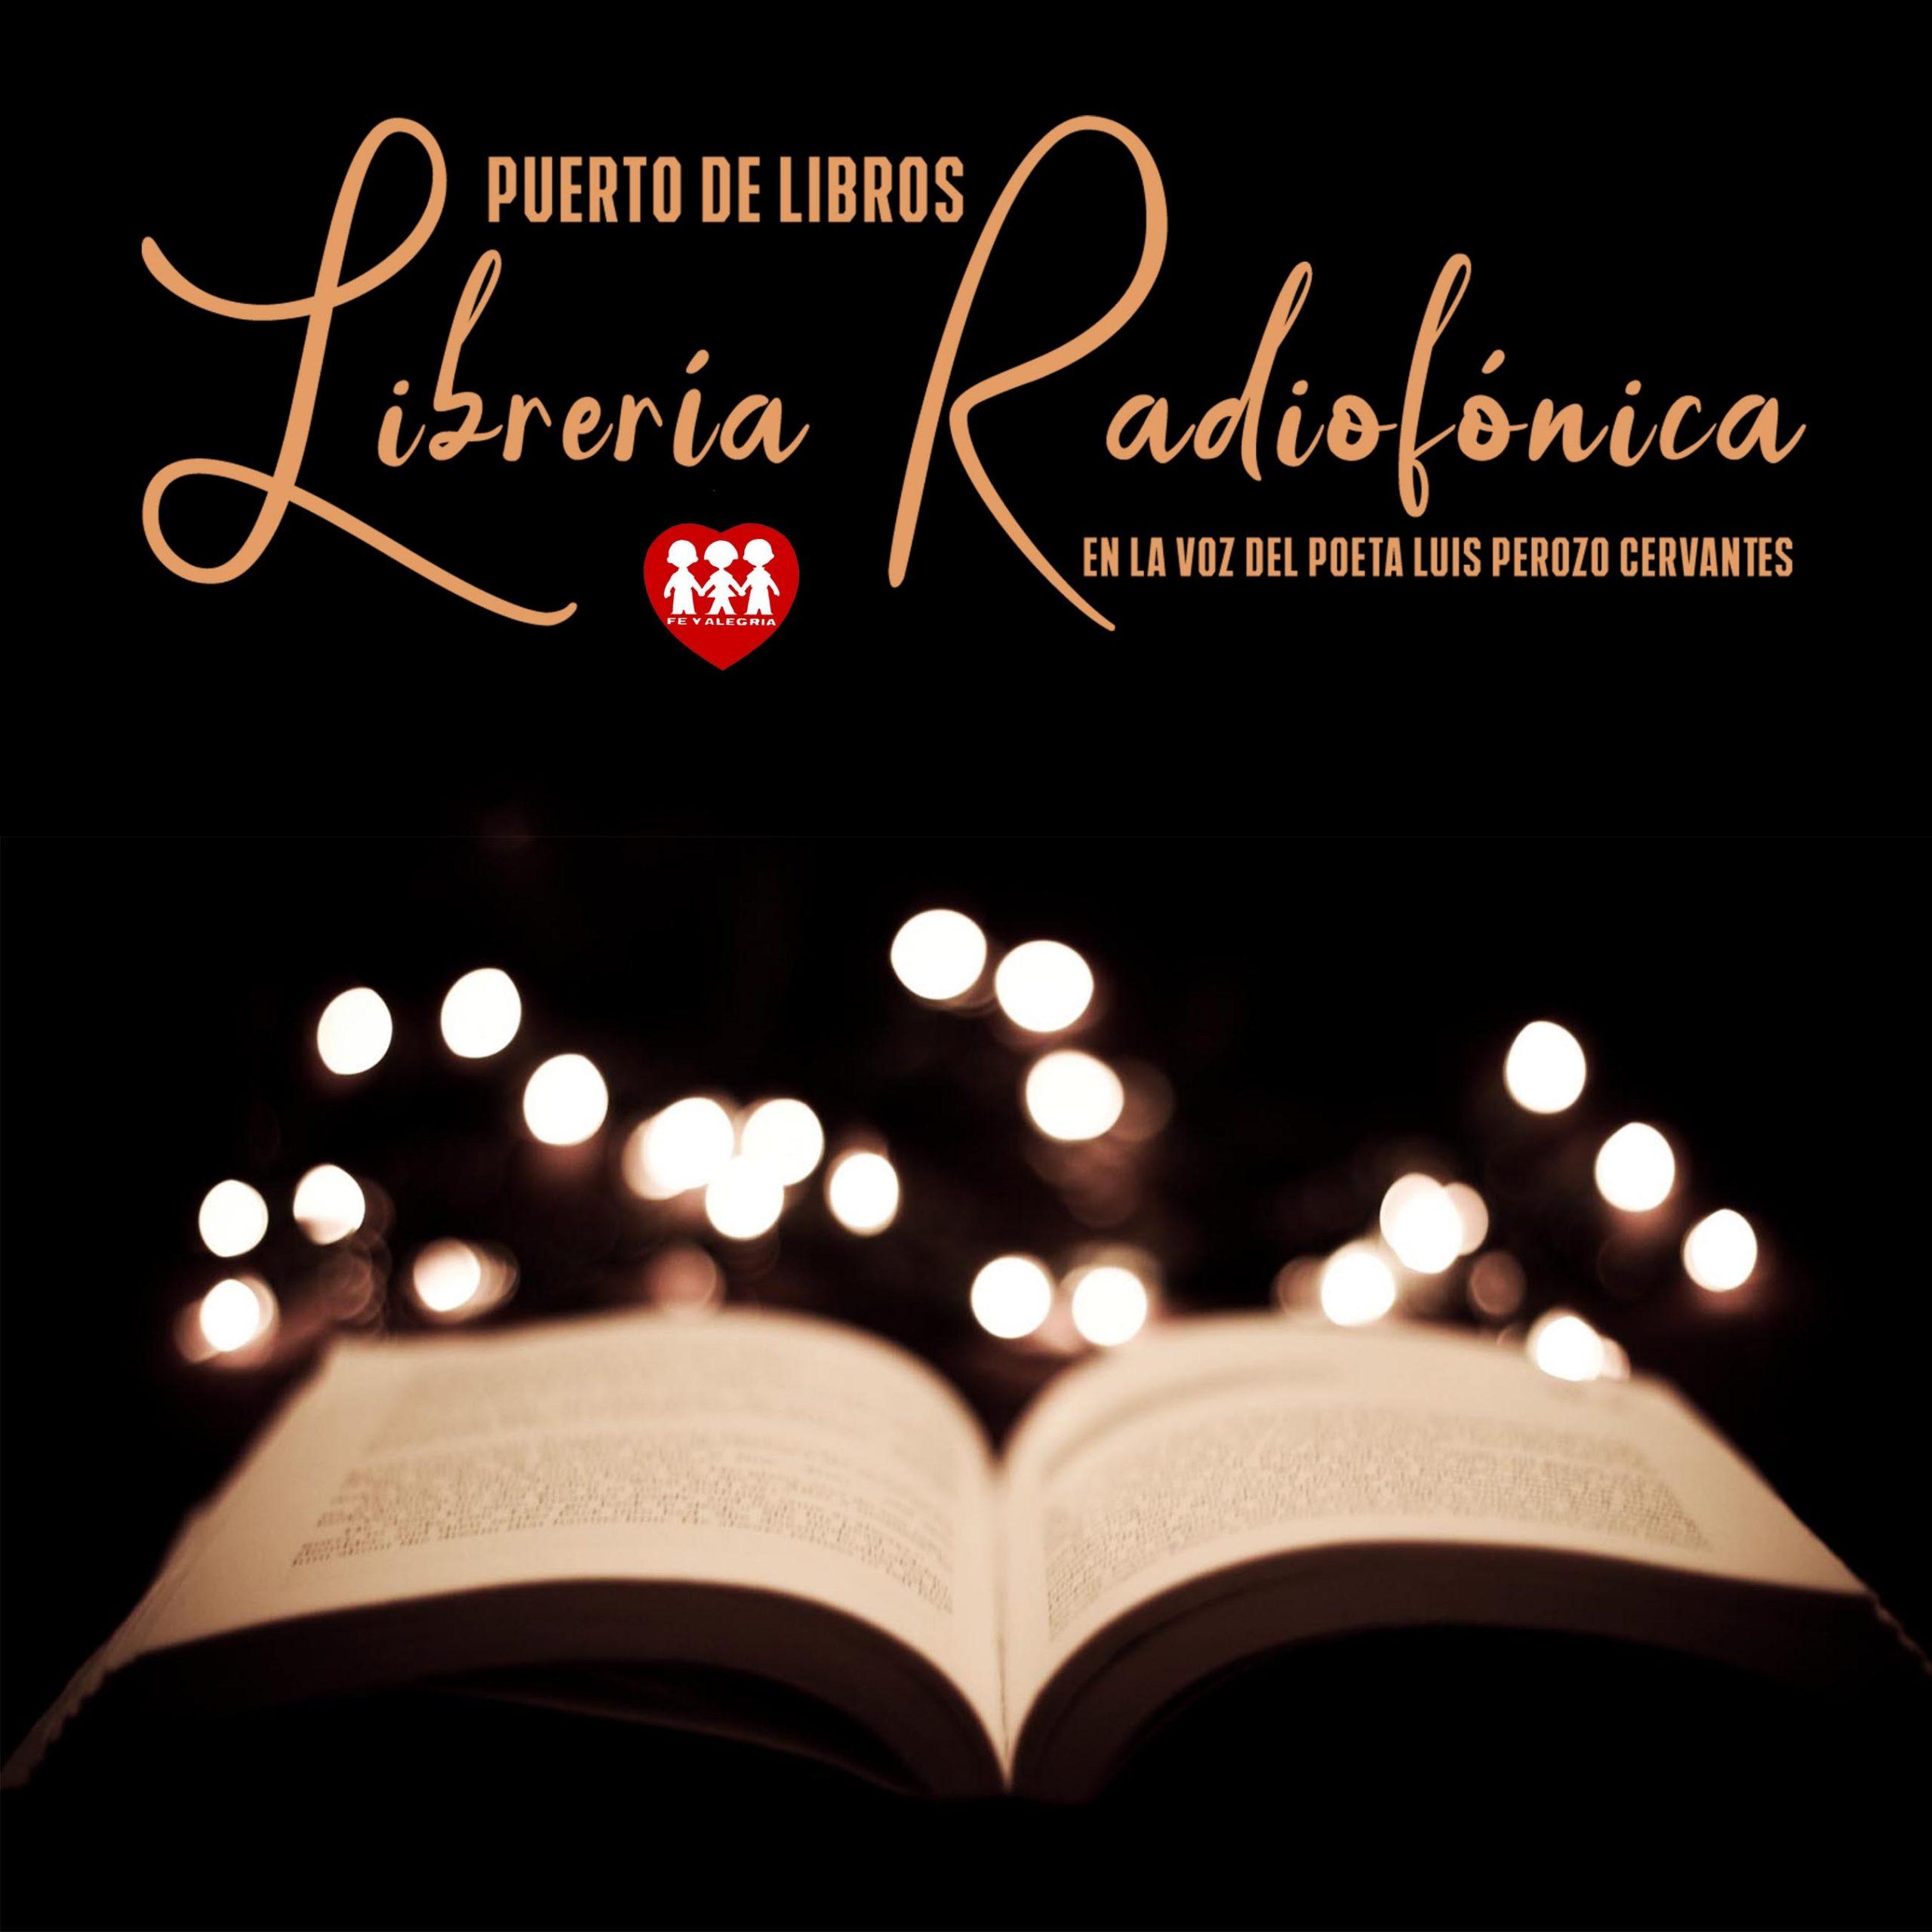 Librería Radiofónica - Puerto de Libros